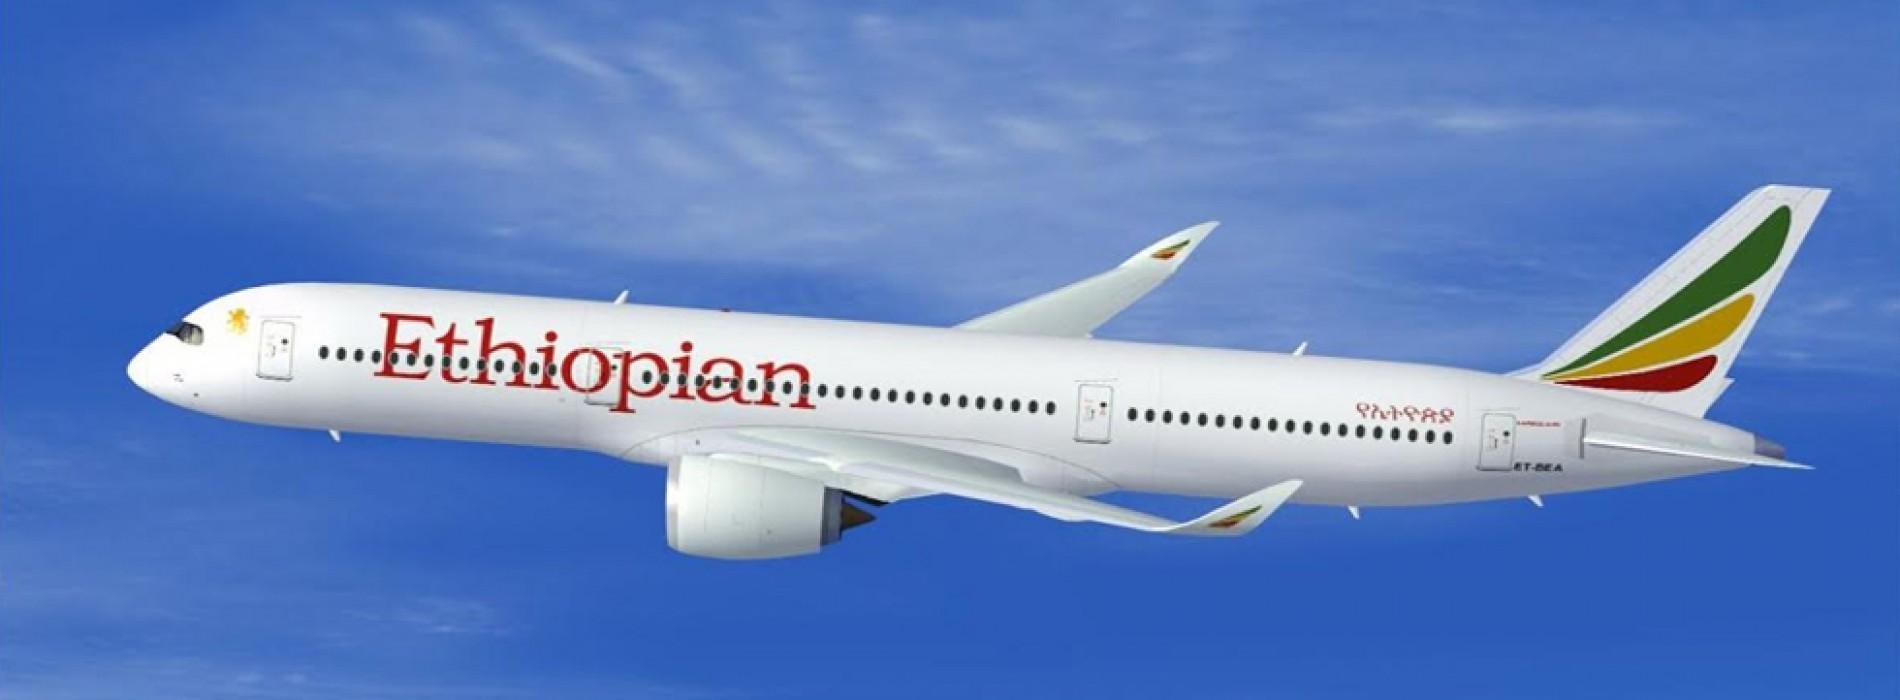 Three new flights to three new destinations in just three days